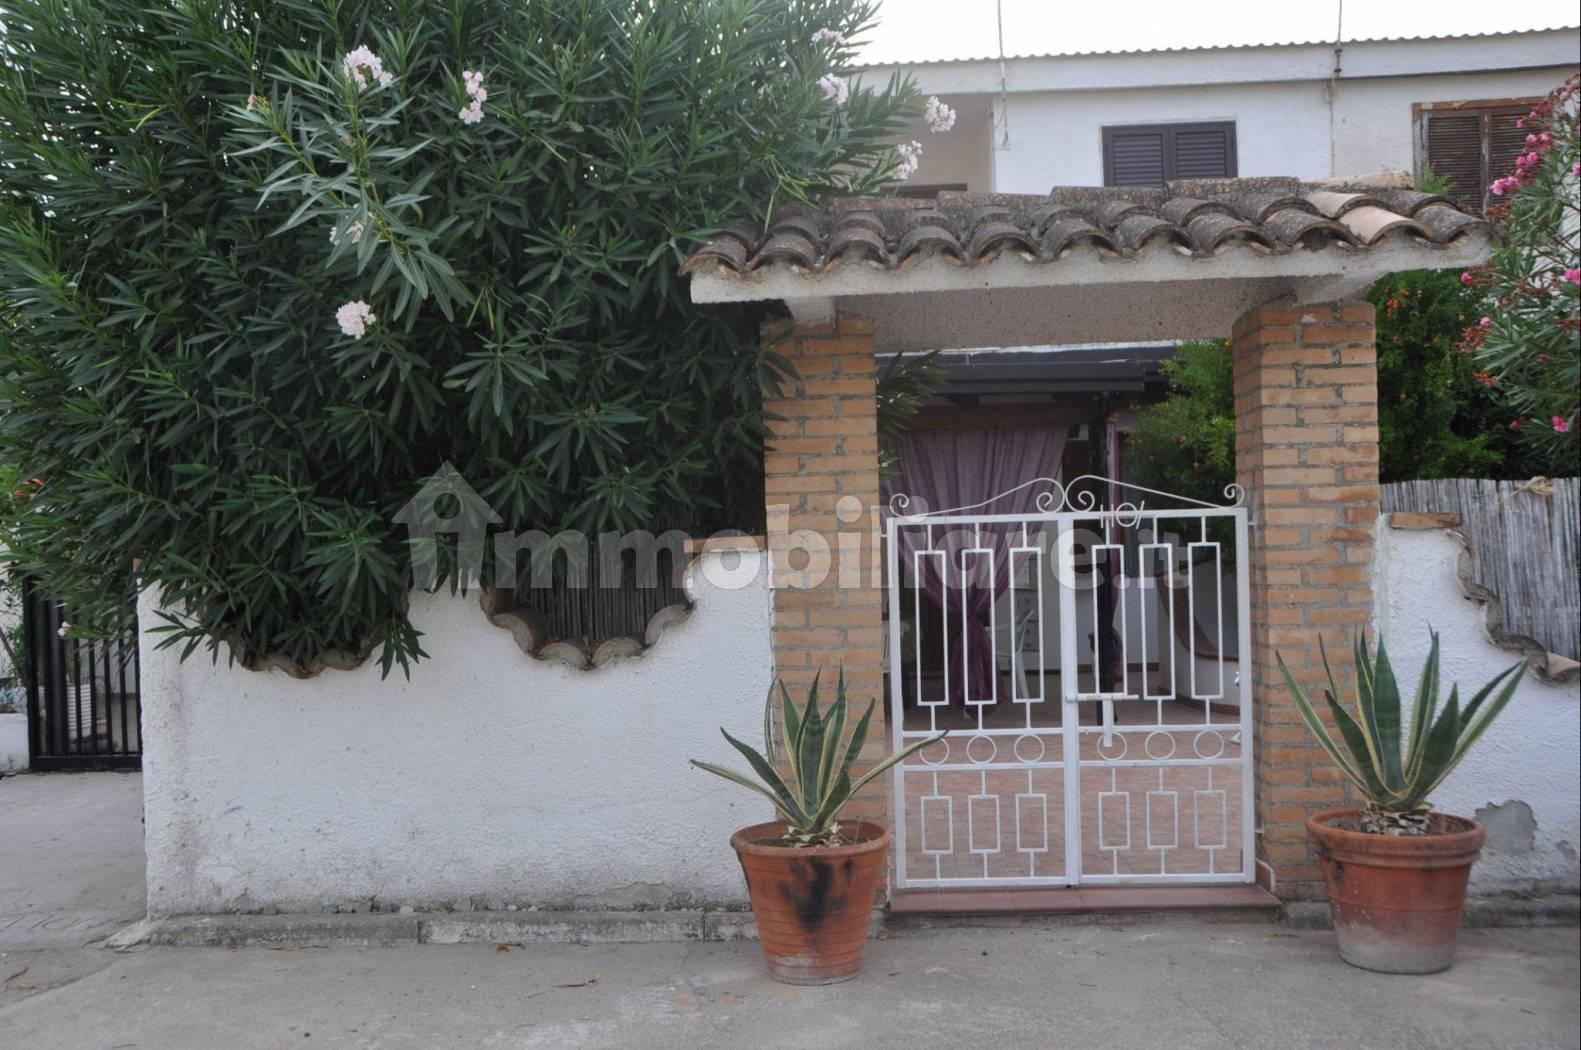 Appartamento in vendita a Cropani, 2 locali, prezzo € 55.000 | CambioCasa.it